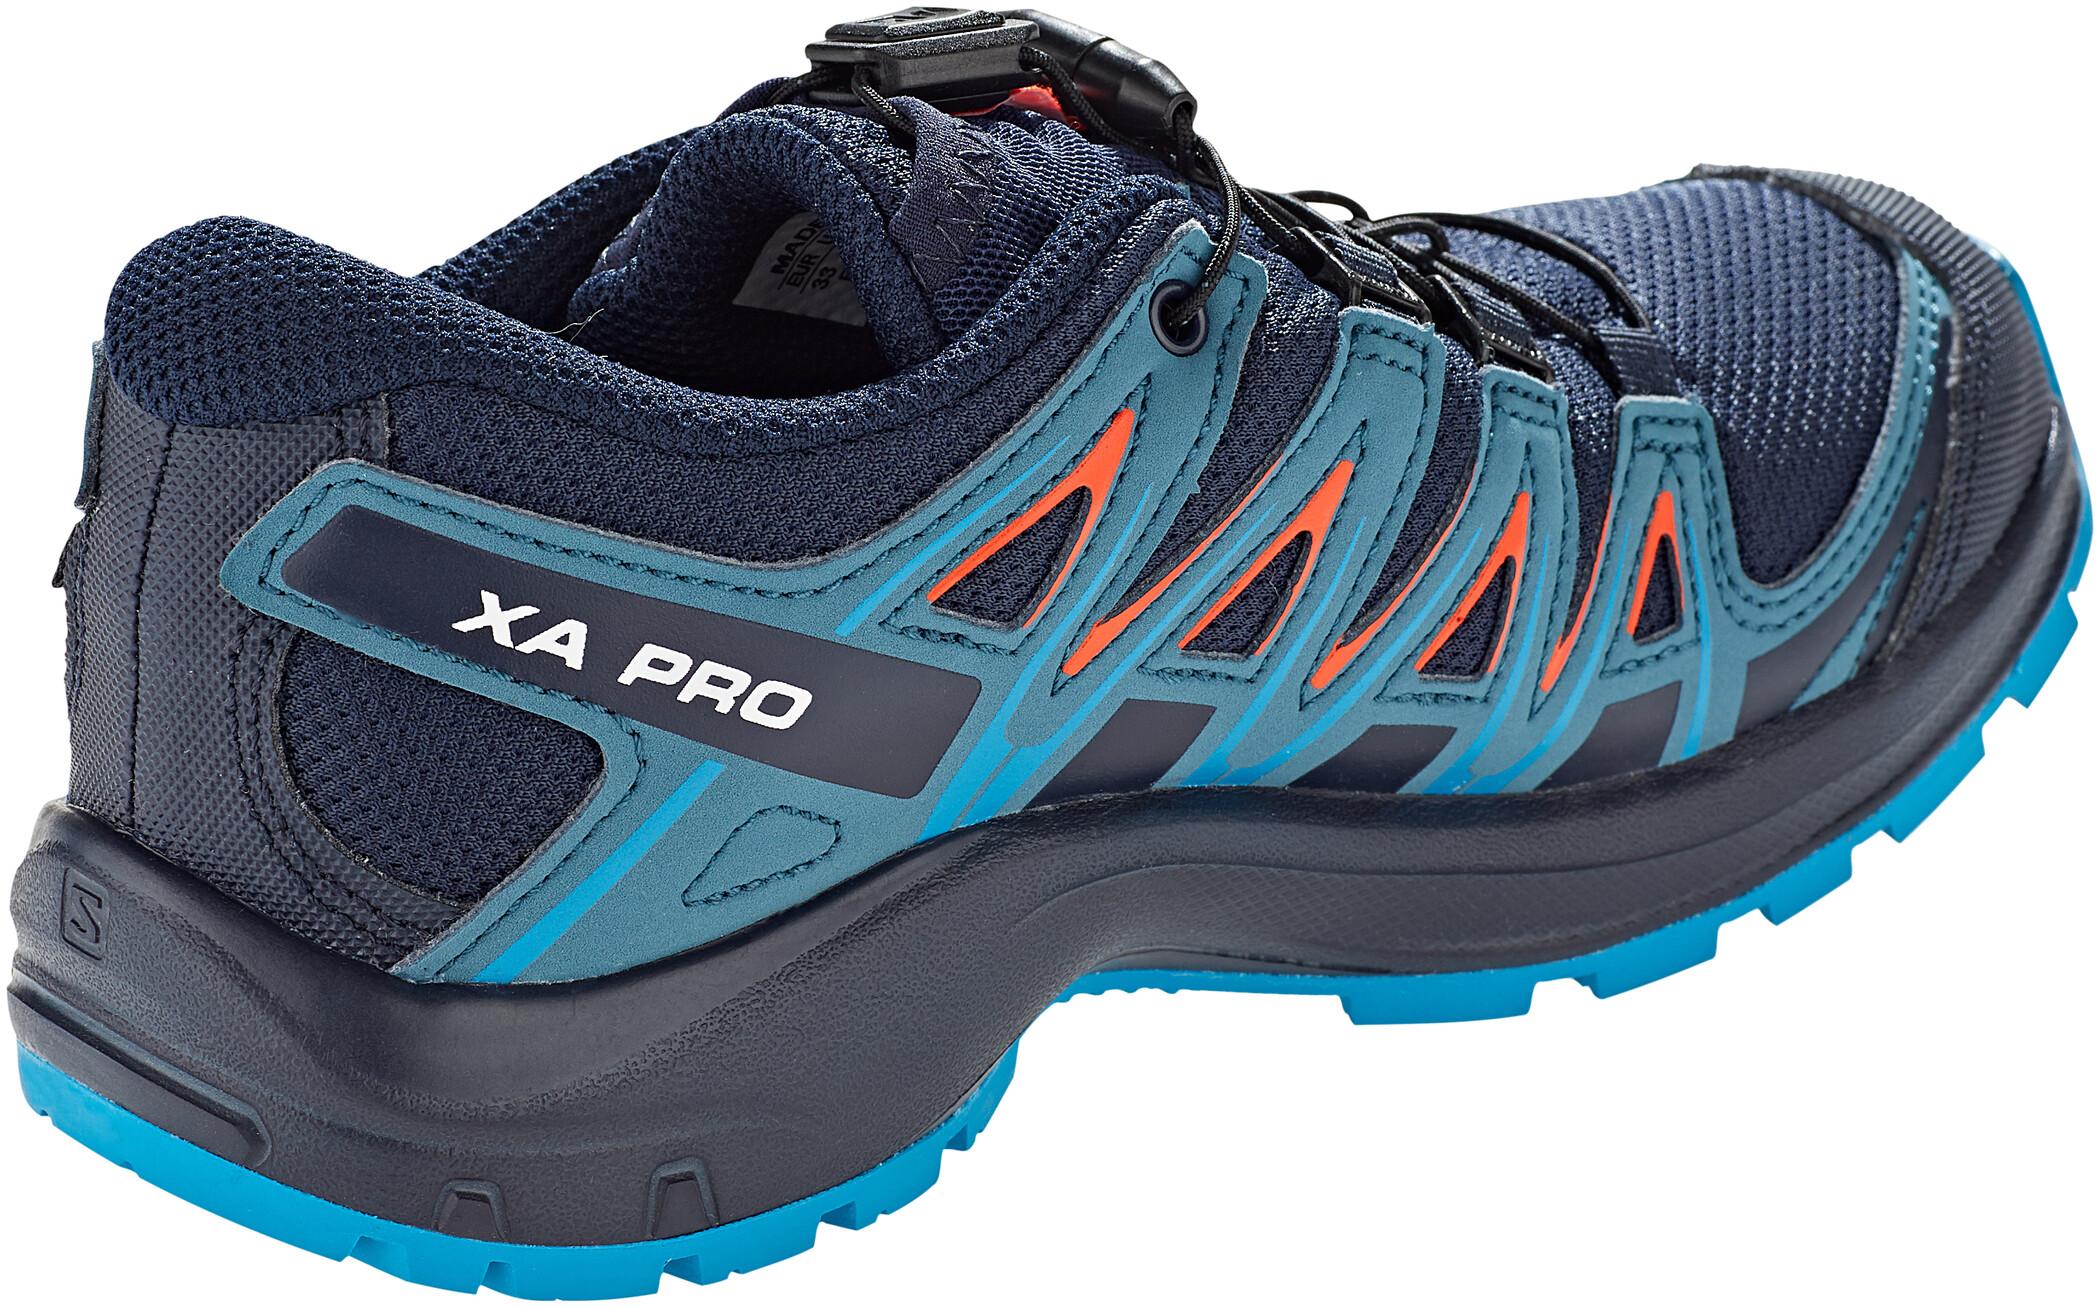 Salomon XA Pro 3D CSWP Shoes Barn navy blazermallard bluehawaiian surf